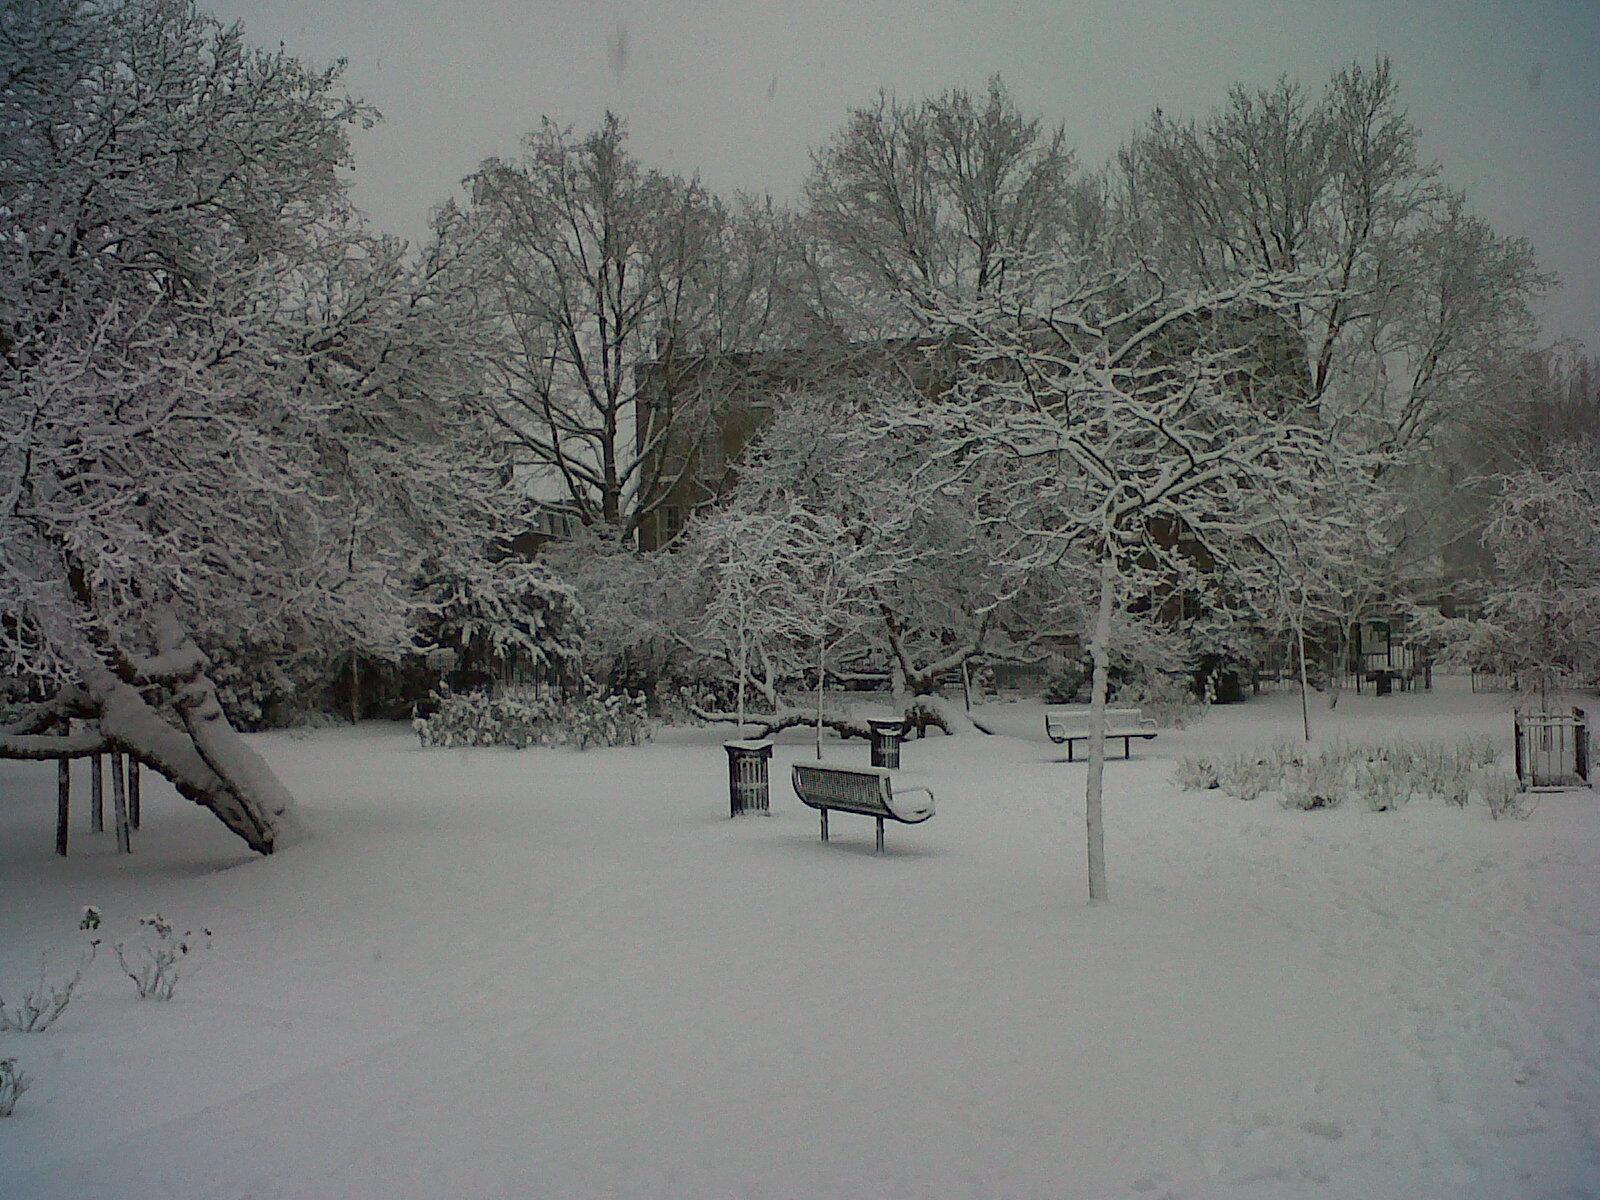 West Square in the snow again - Kenningtonrunoff.com